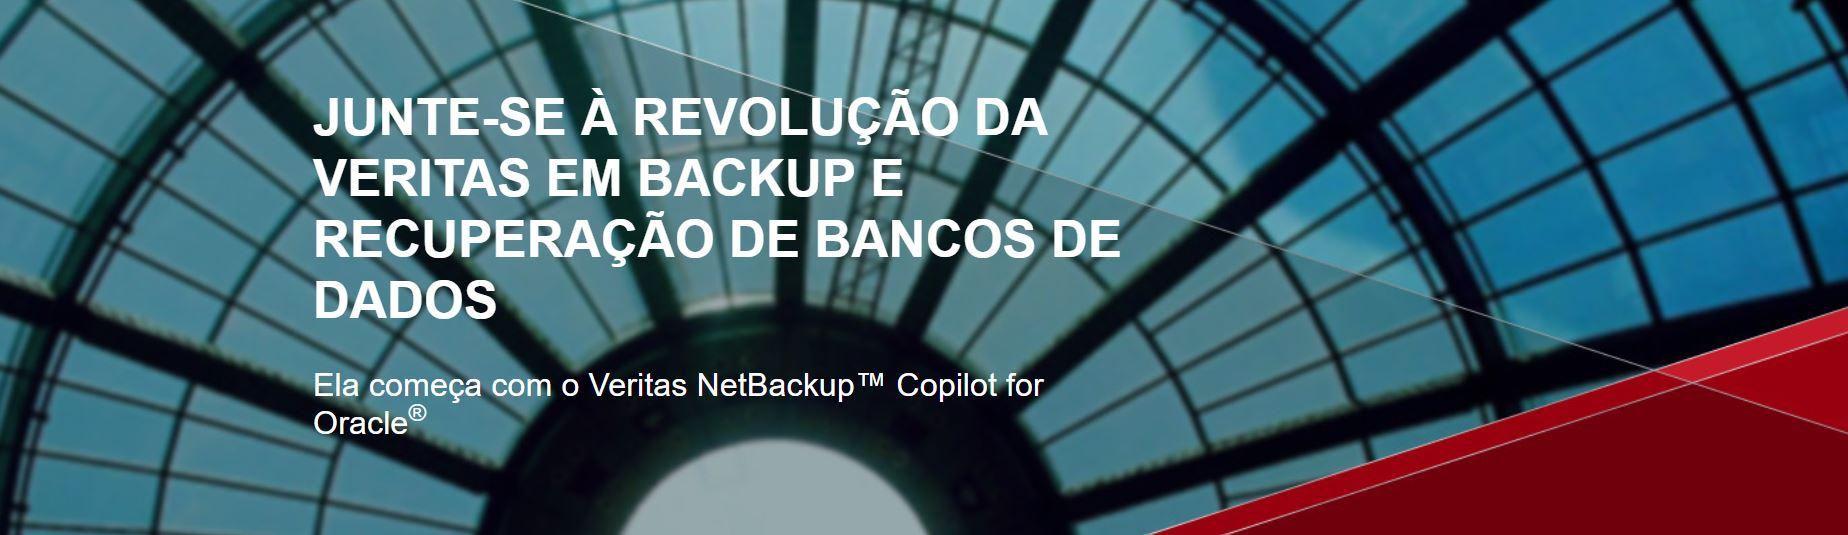 BACKUP E RECUPERAÇÃO DE BANCOS DE DADOS